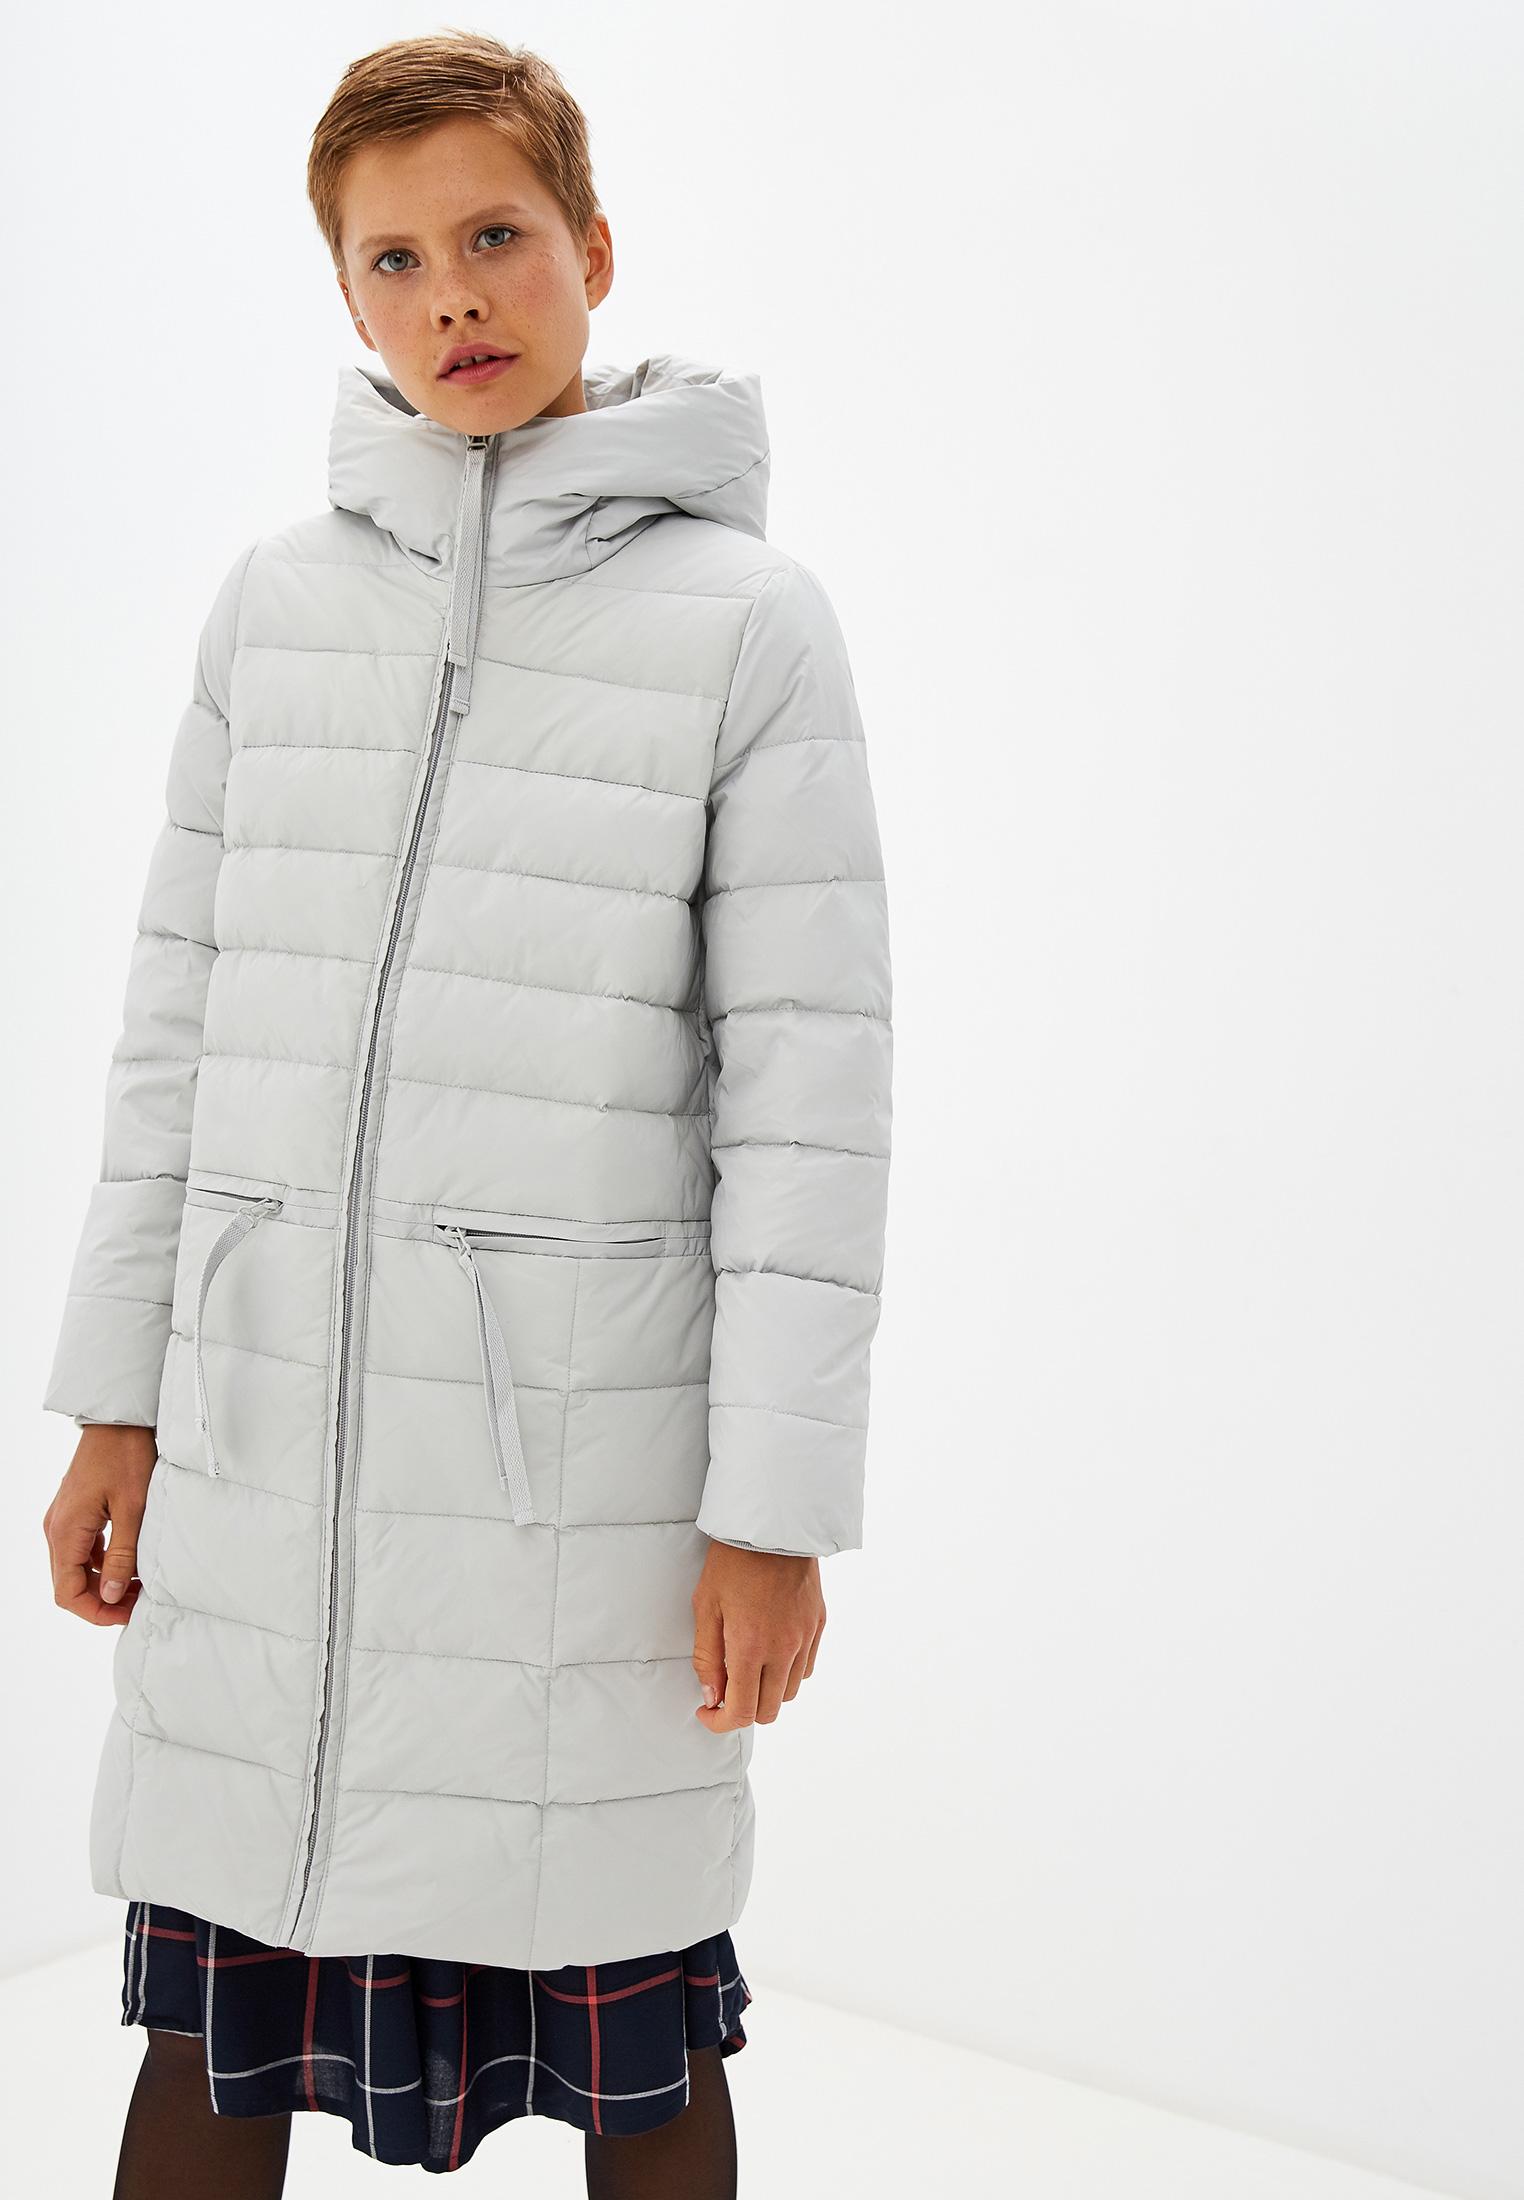 Пуховик, Savage, цвет: серый. Артикул: SA004EWGERZ4. Одежда / Верхняя одежда / Пуховики и зимние куртки